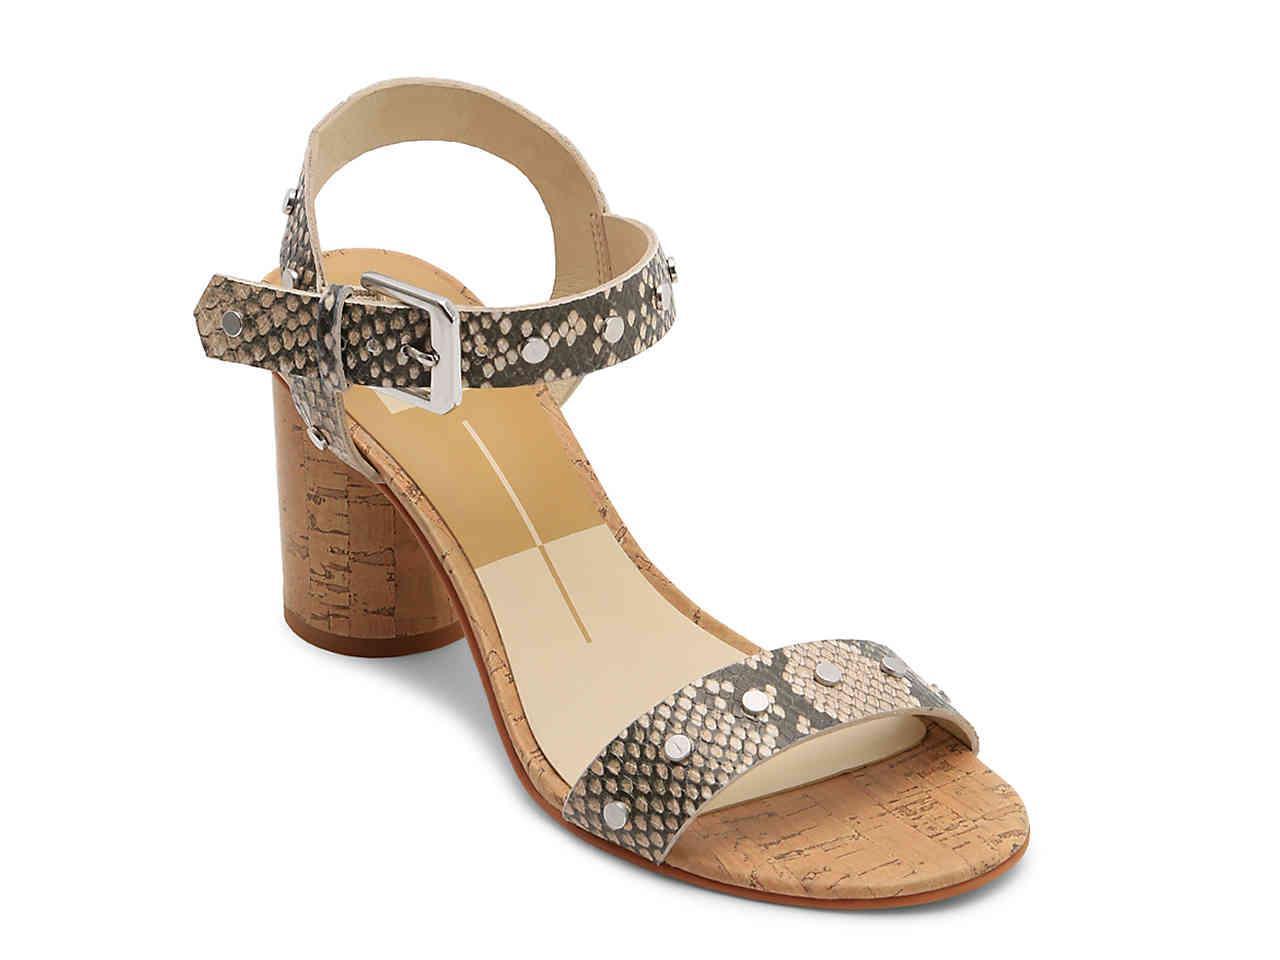 118a53a3cf2 Dolce Vita Shoes Dsw - Style Guru  Fashion